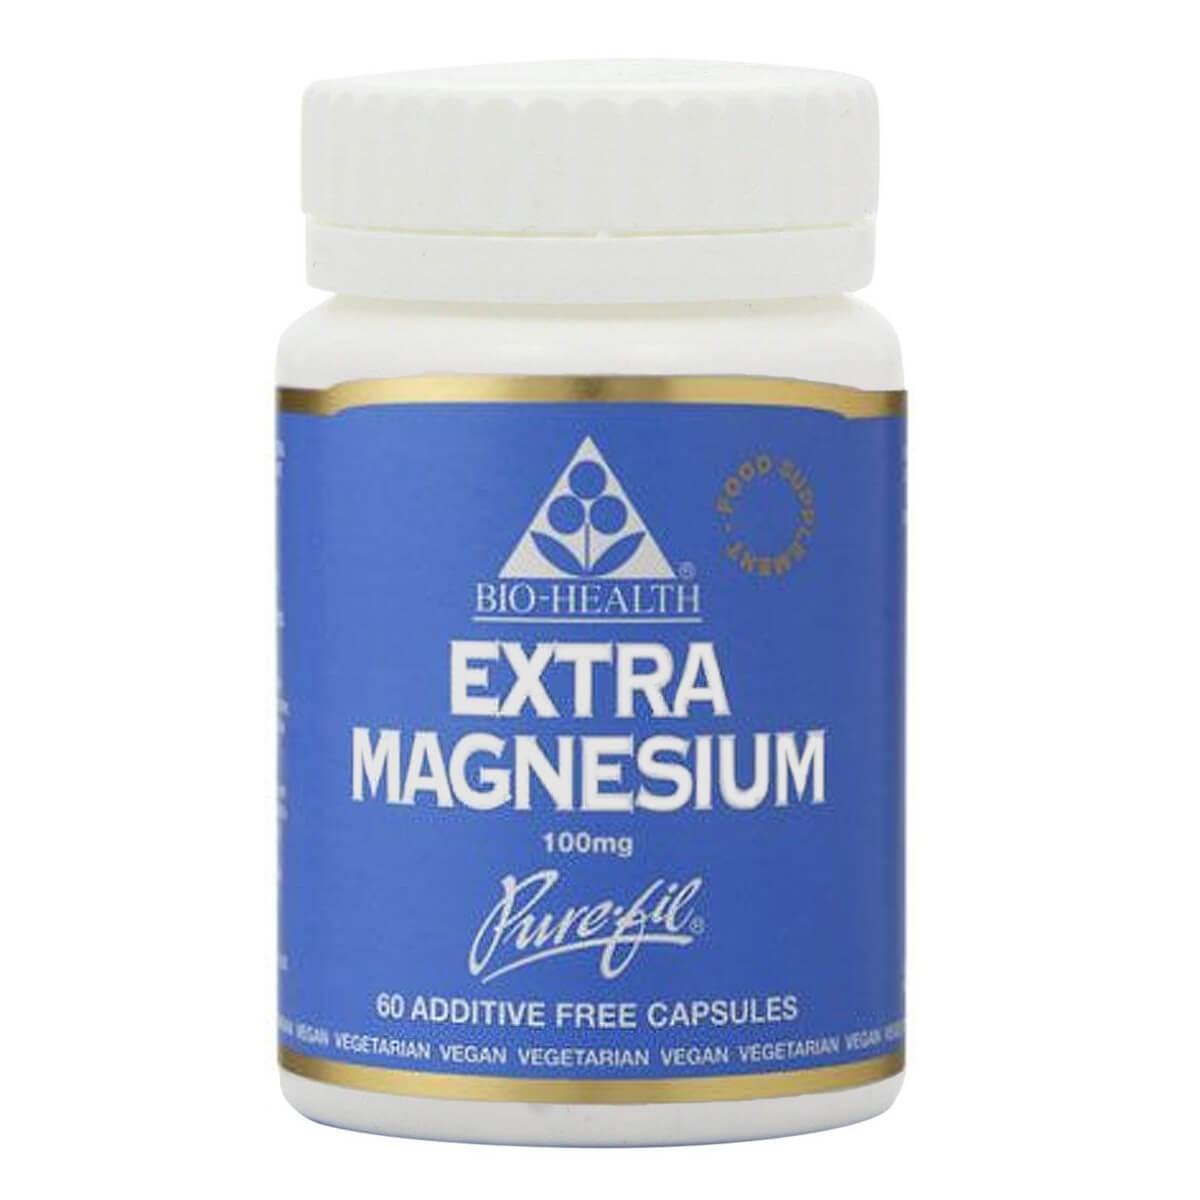 Bio-Health Extra Magnesium Capsules